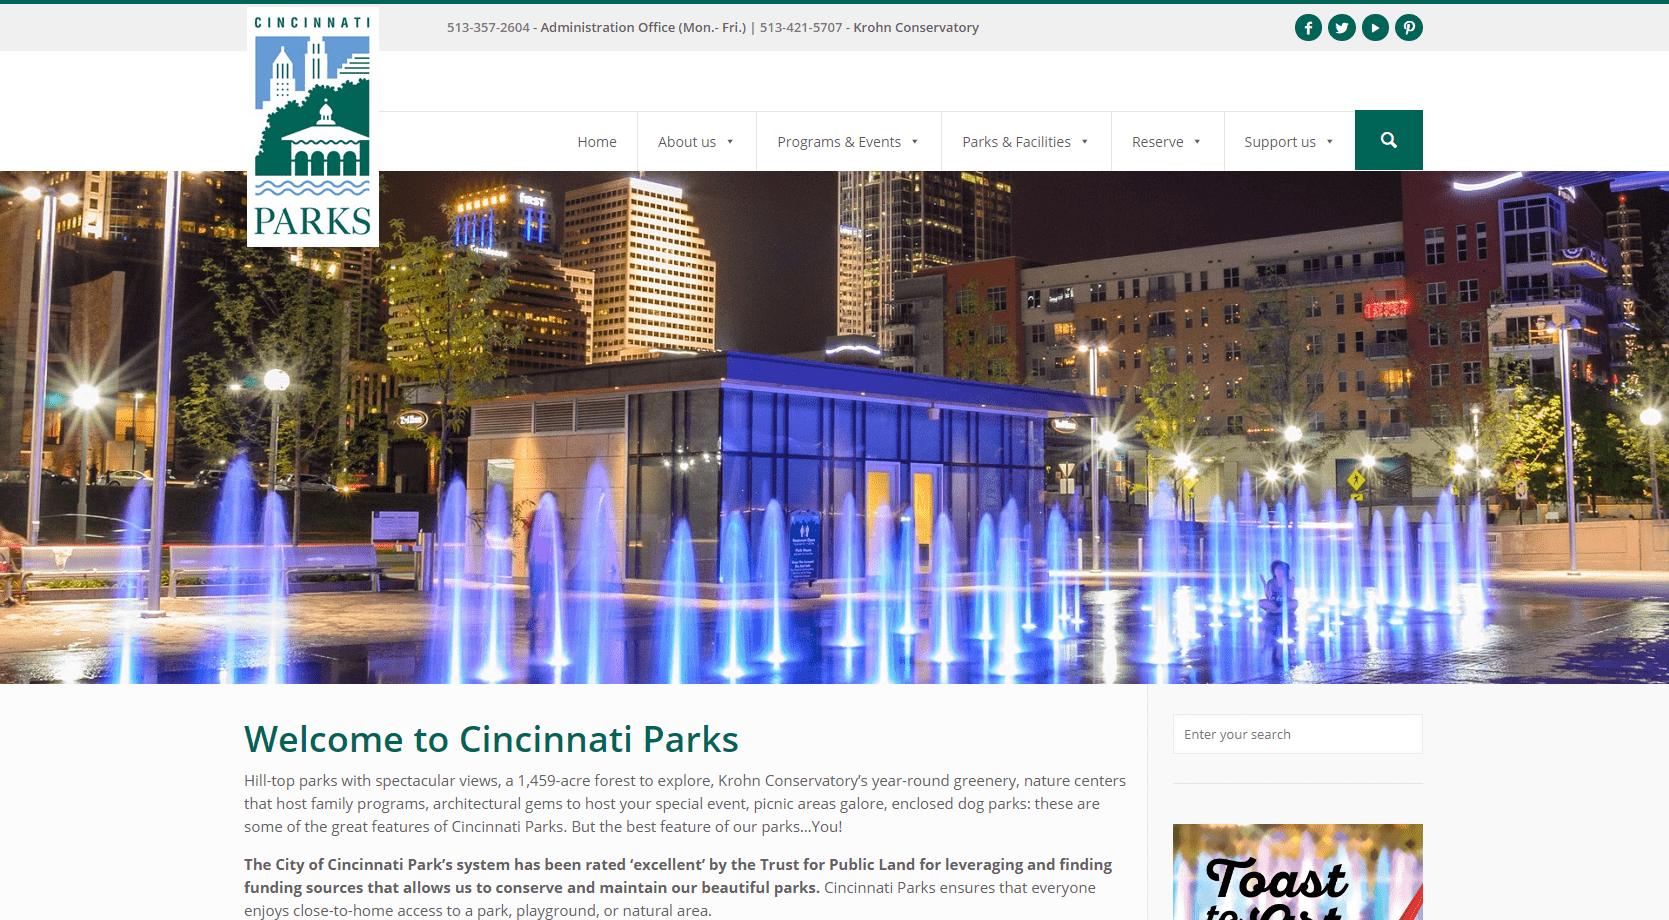 cincinnati parks website